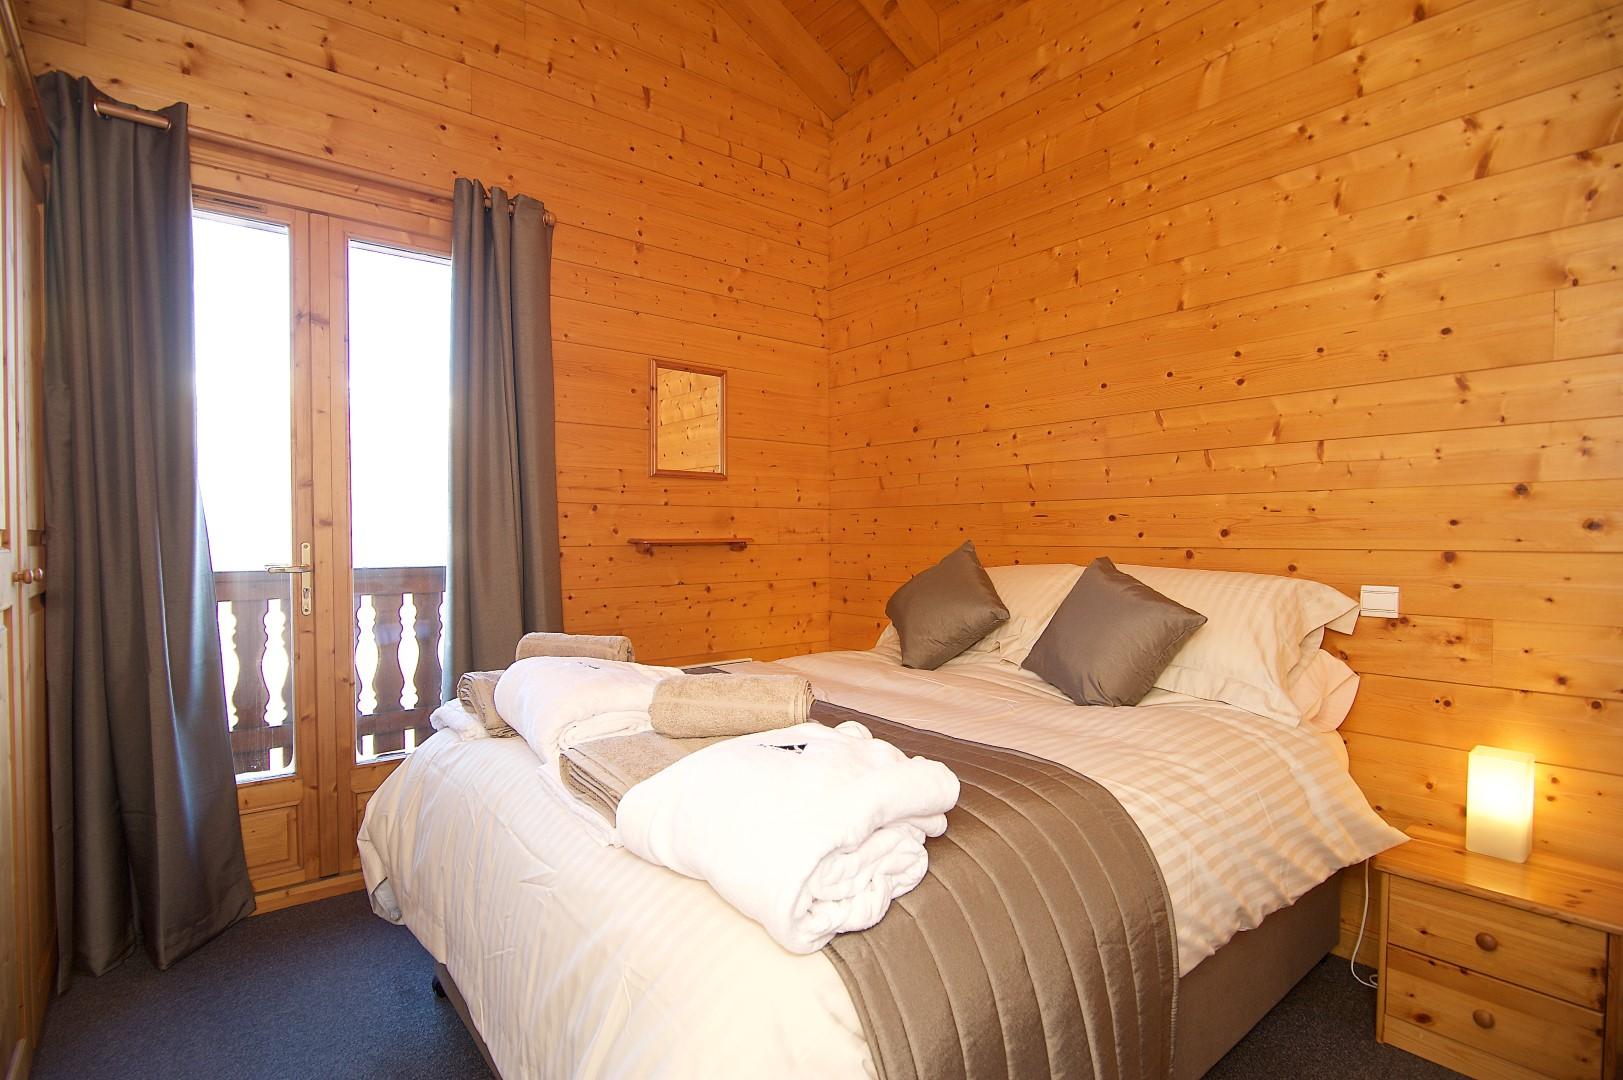 Anniek Room 5